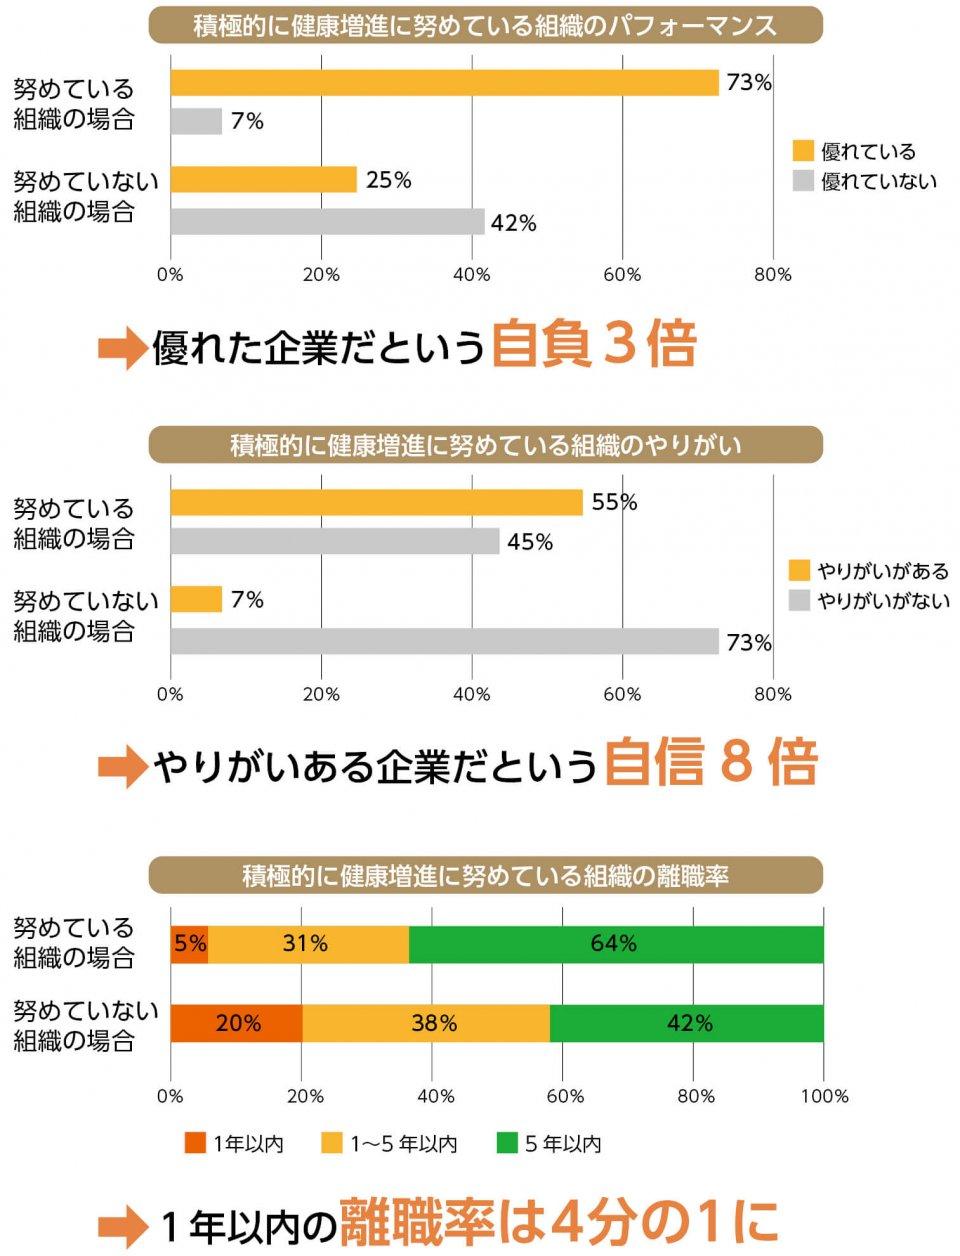 出典:ミナケア社調査(山本さん提供)「健康経営による労務管理・採用面でのメリット」